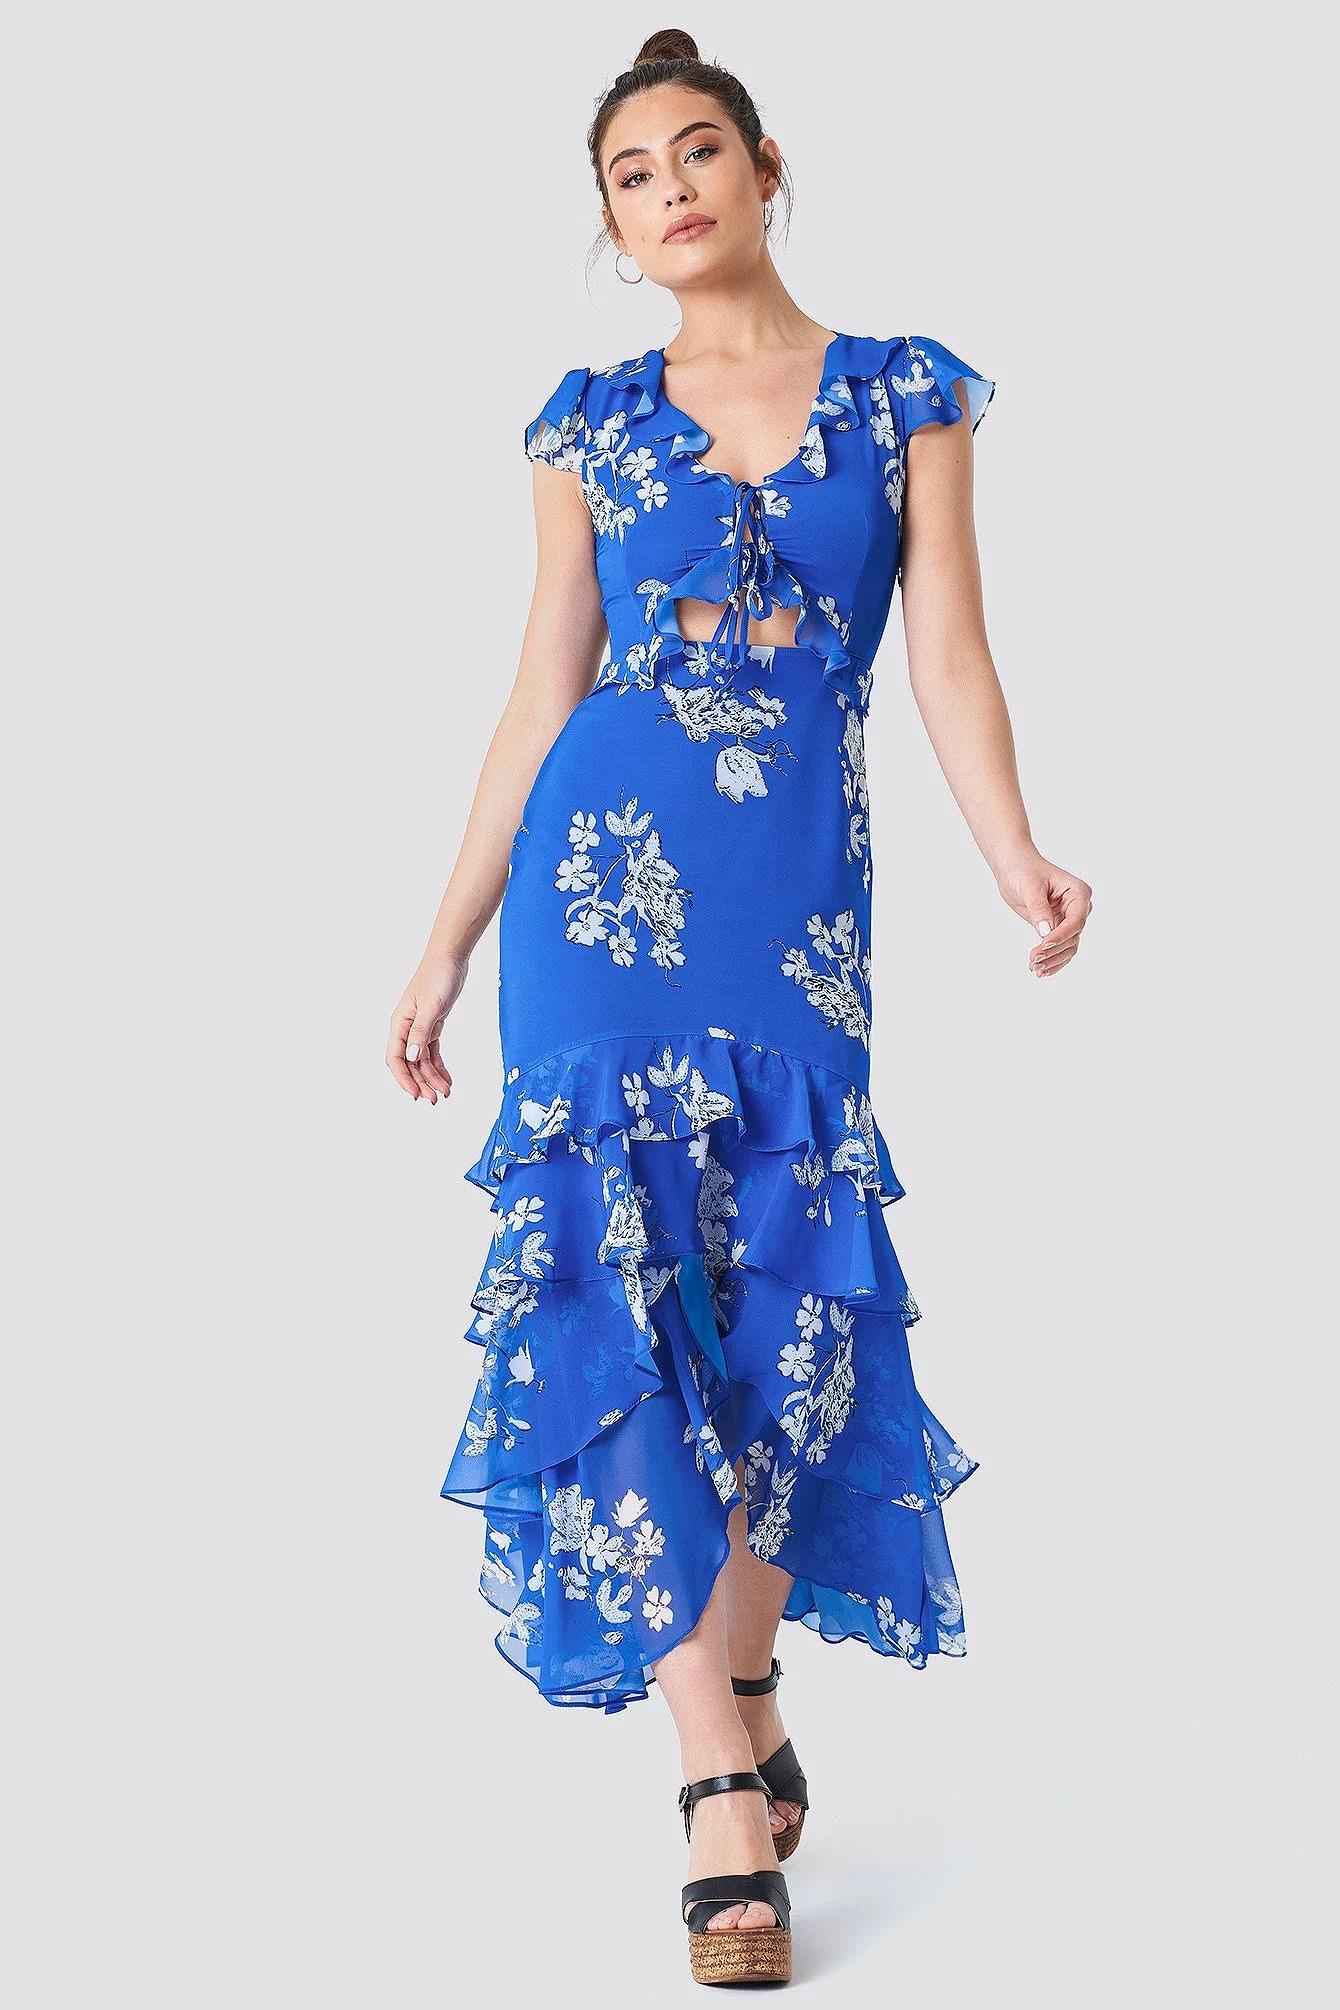 Drömmiga klänningar